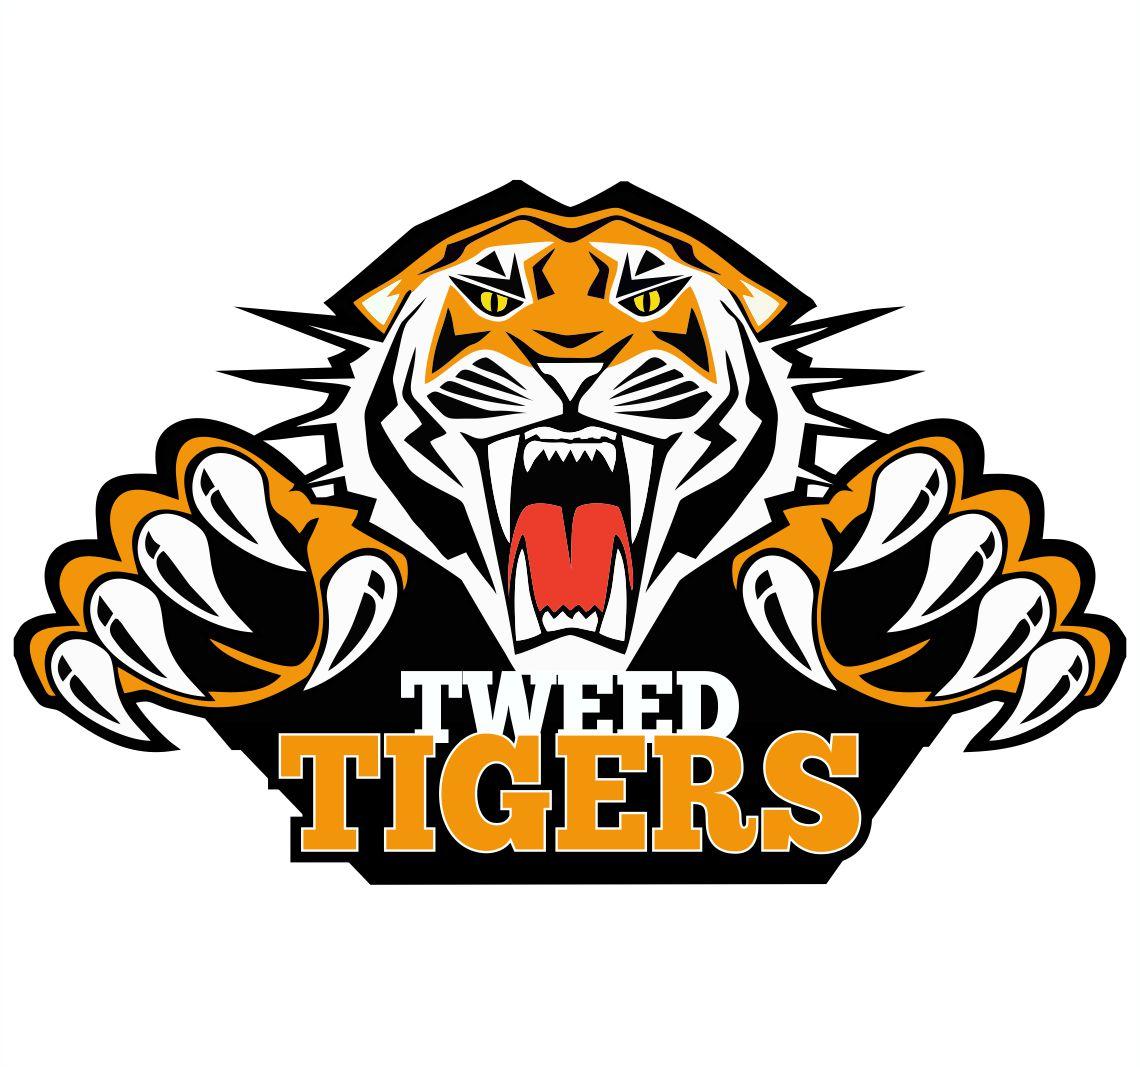 MASTERS-TWEED TIGERS